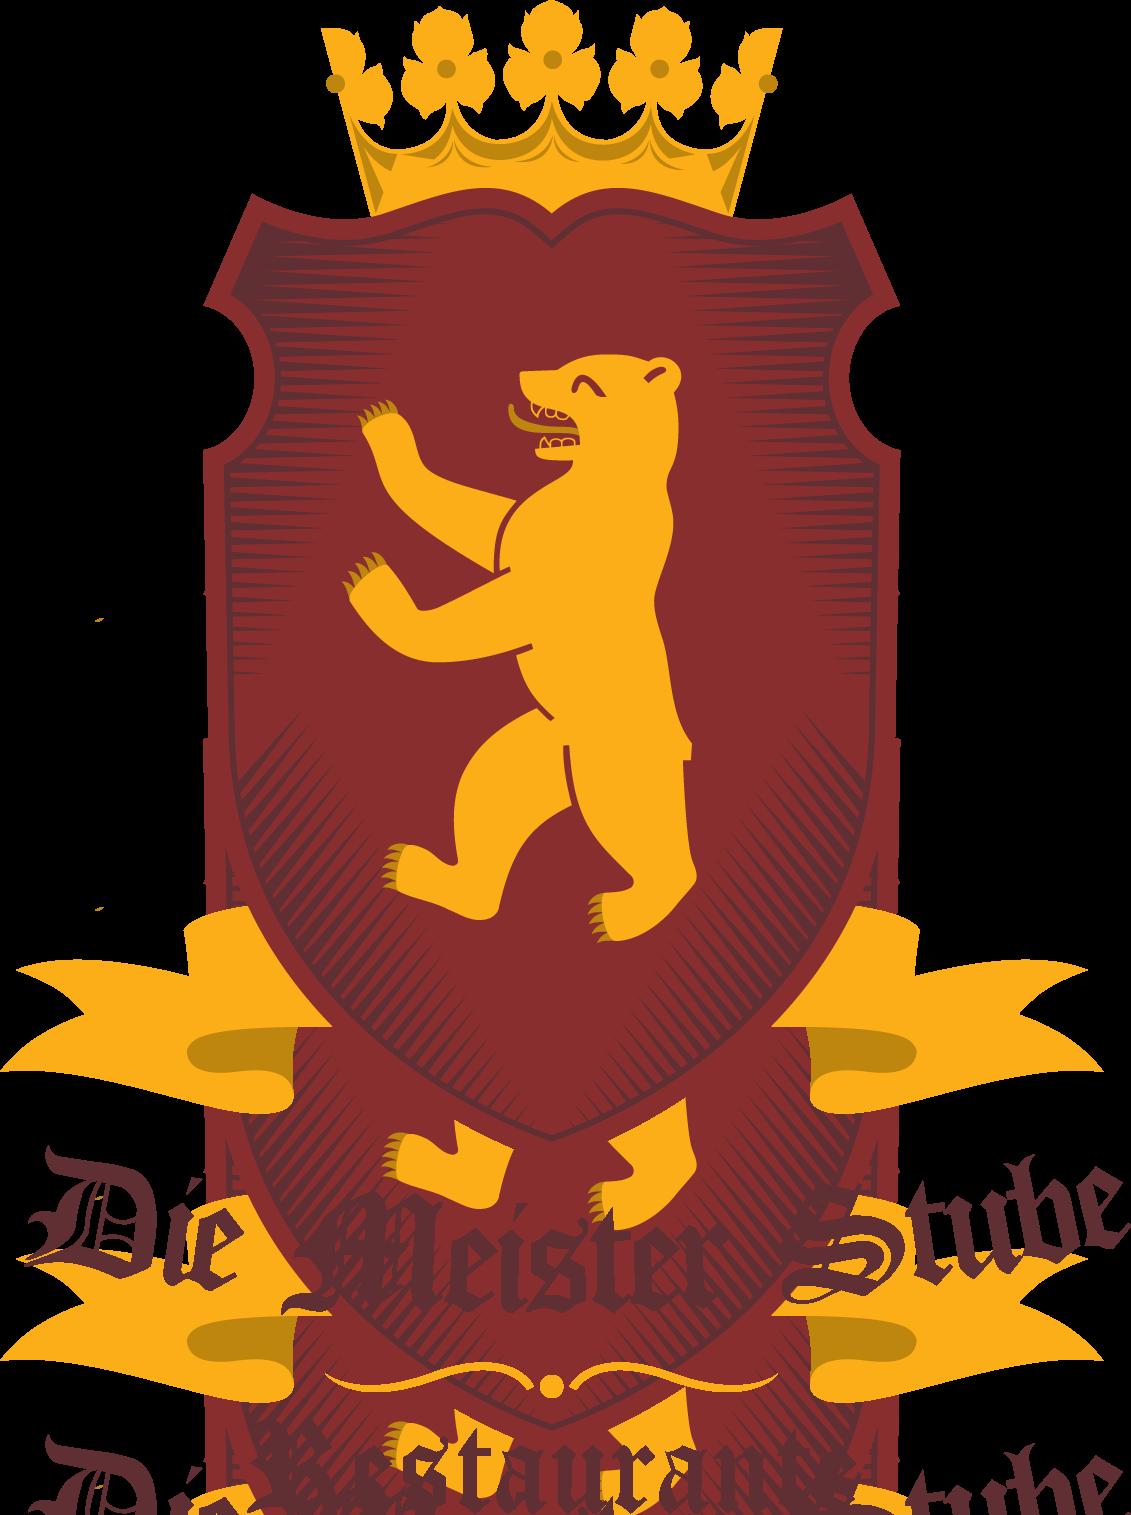 Die Meister Stube logo 2.png